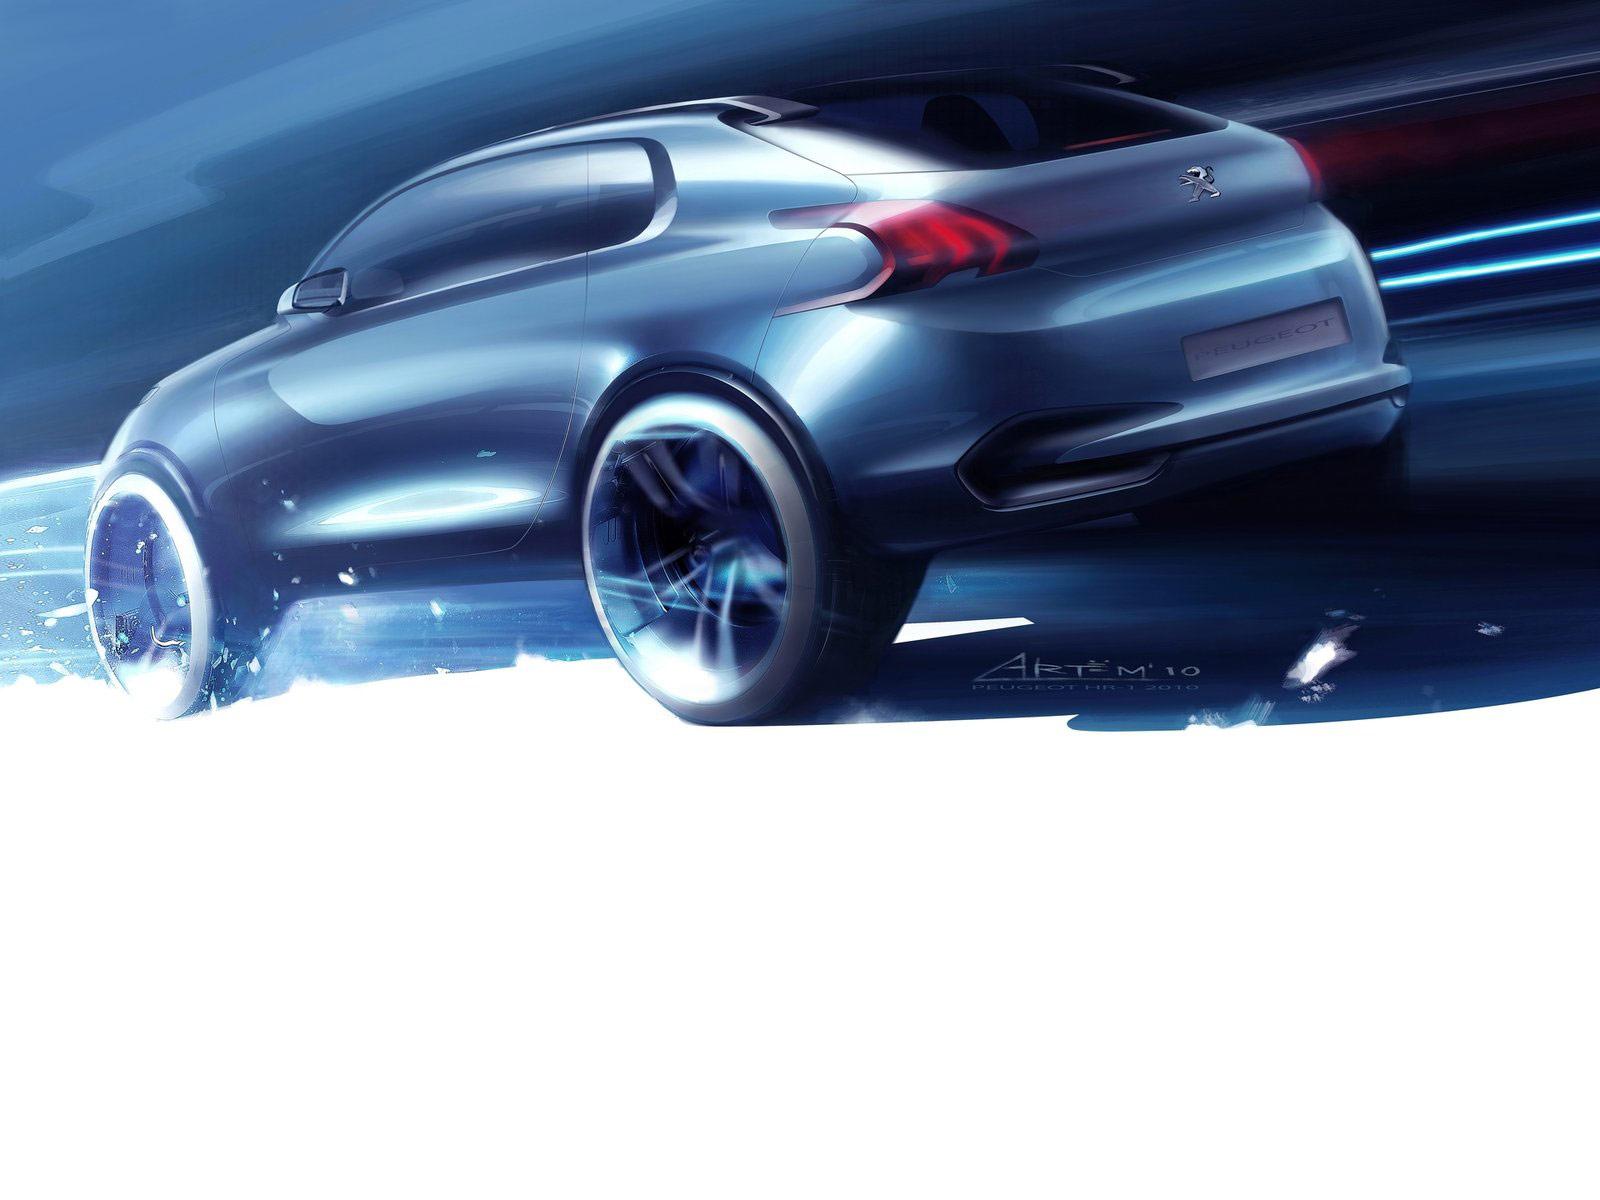 http://3.bp.blogspot.com/_DEP49tusZwg/TLvtMc0ge4I/AAAAAAAACME/lNHZQThlnXo/s1600/Peugeot-HR1_Concept_2010_13.jpg